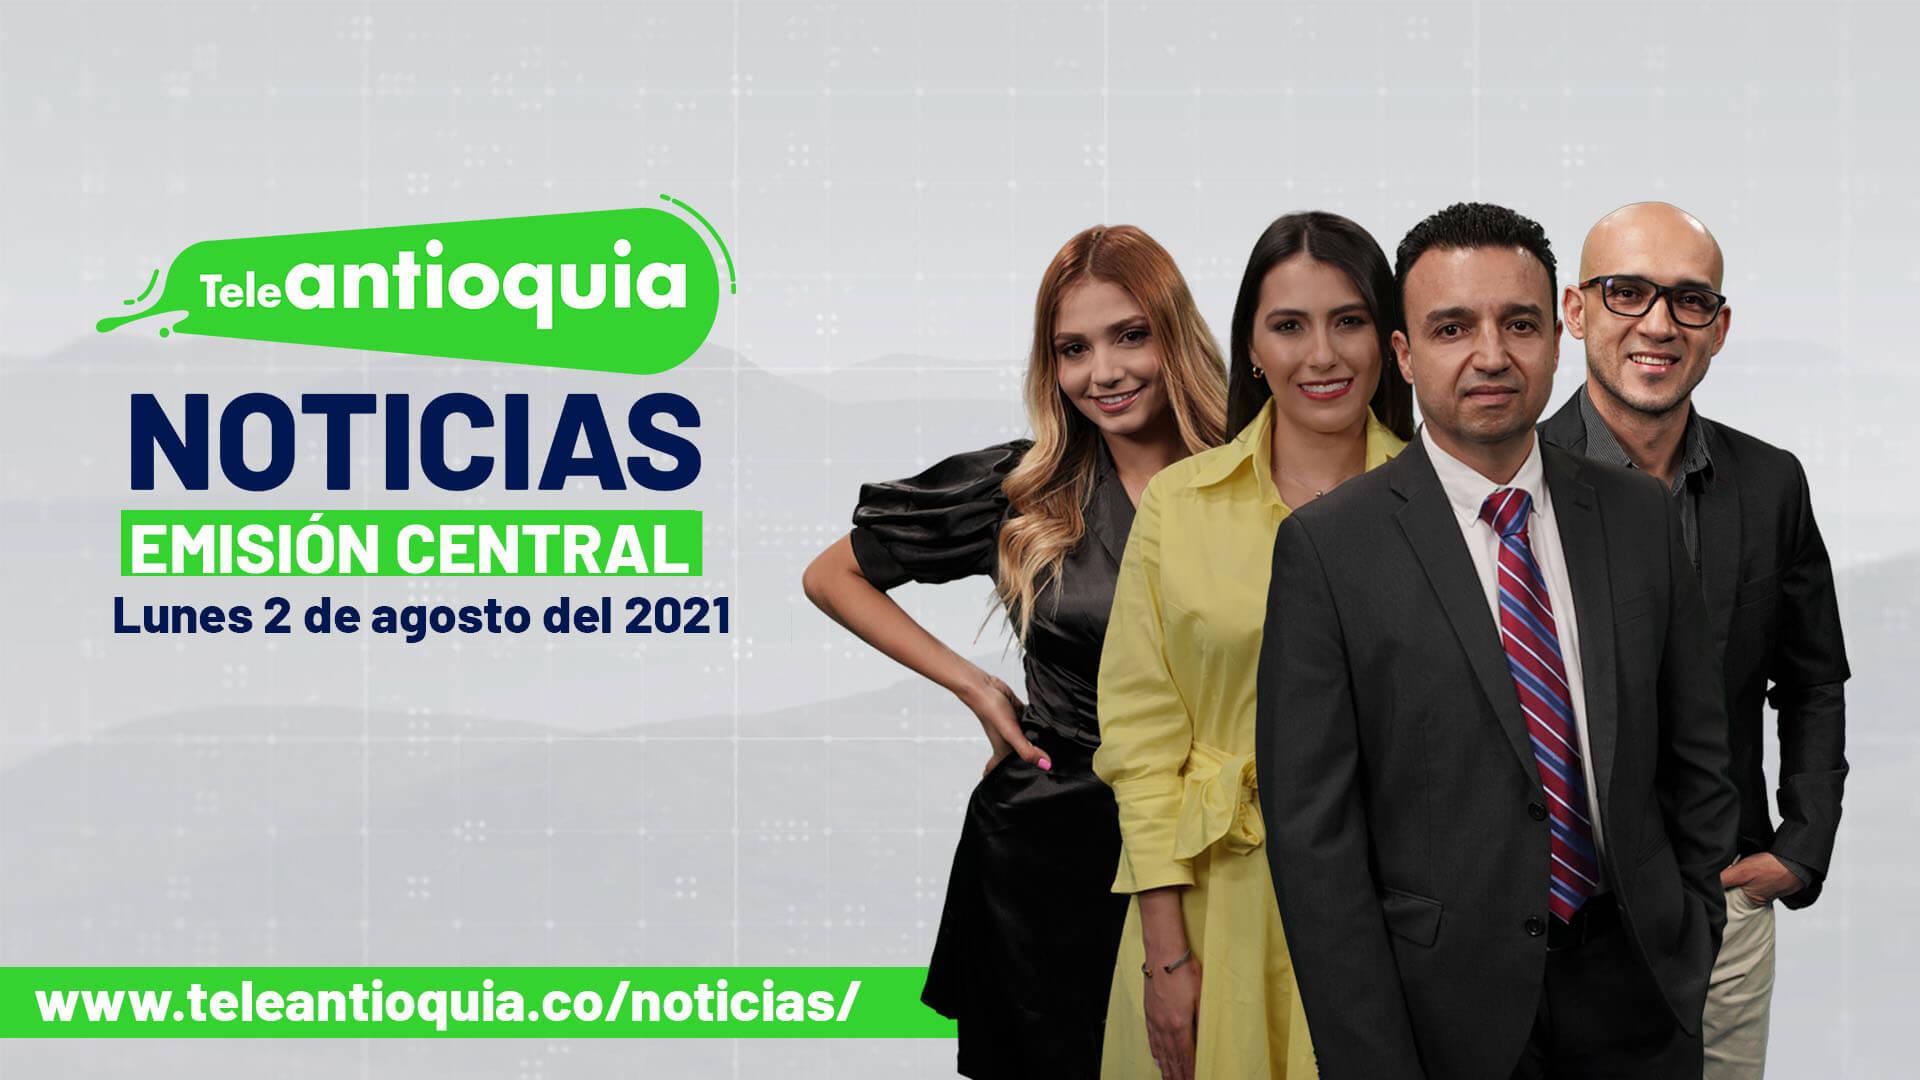 Teleantioquia Noticias - lunes 2 de agosto de 2021